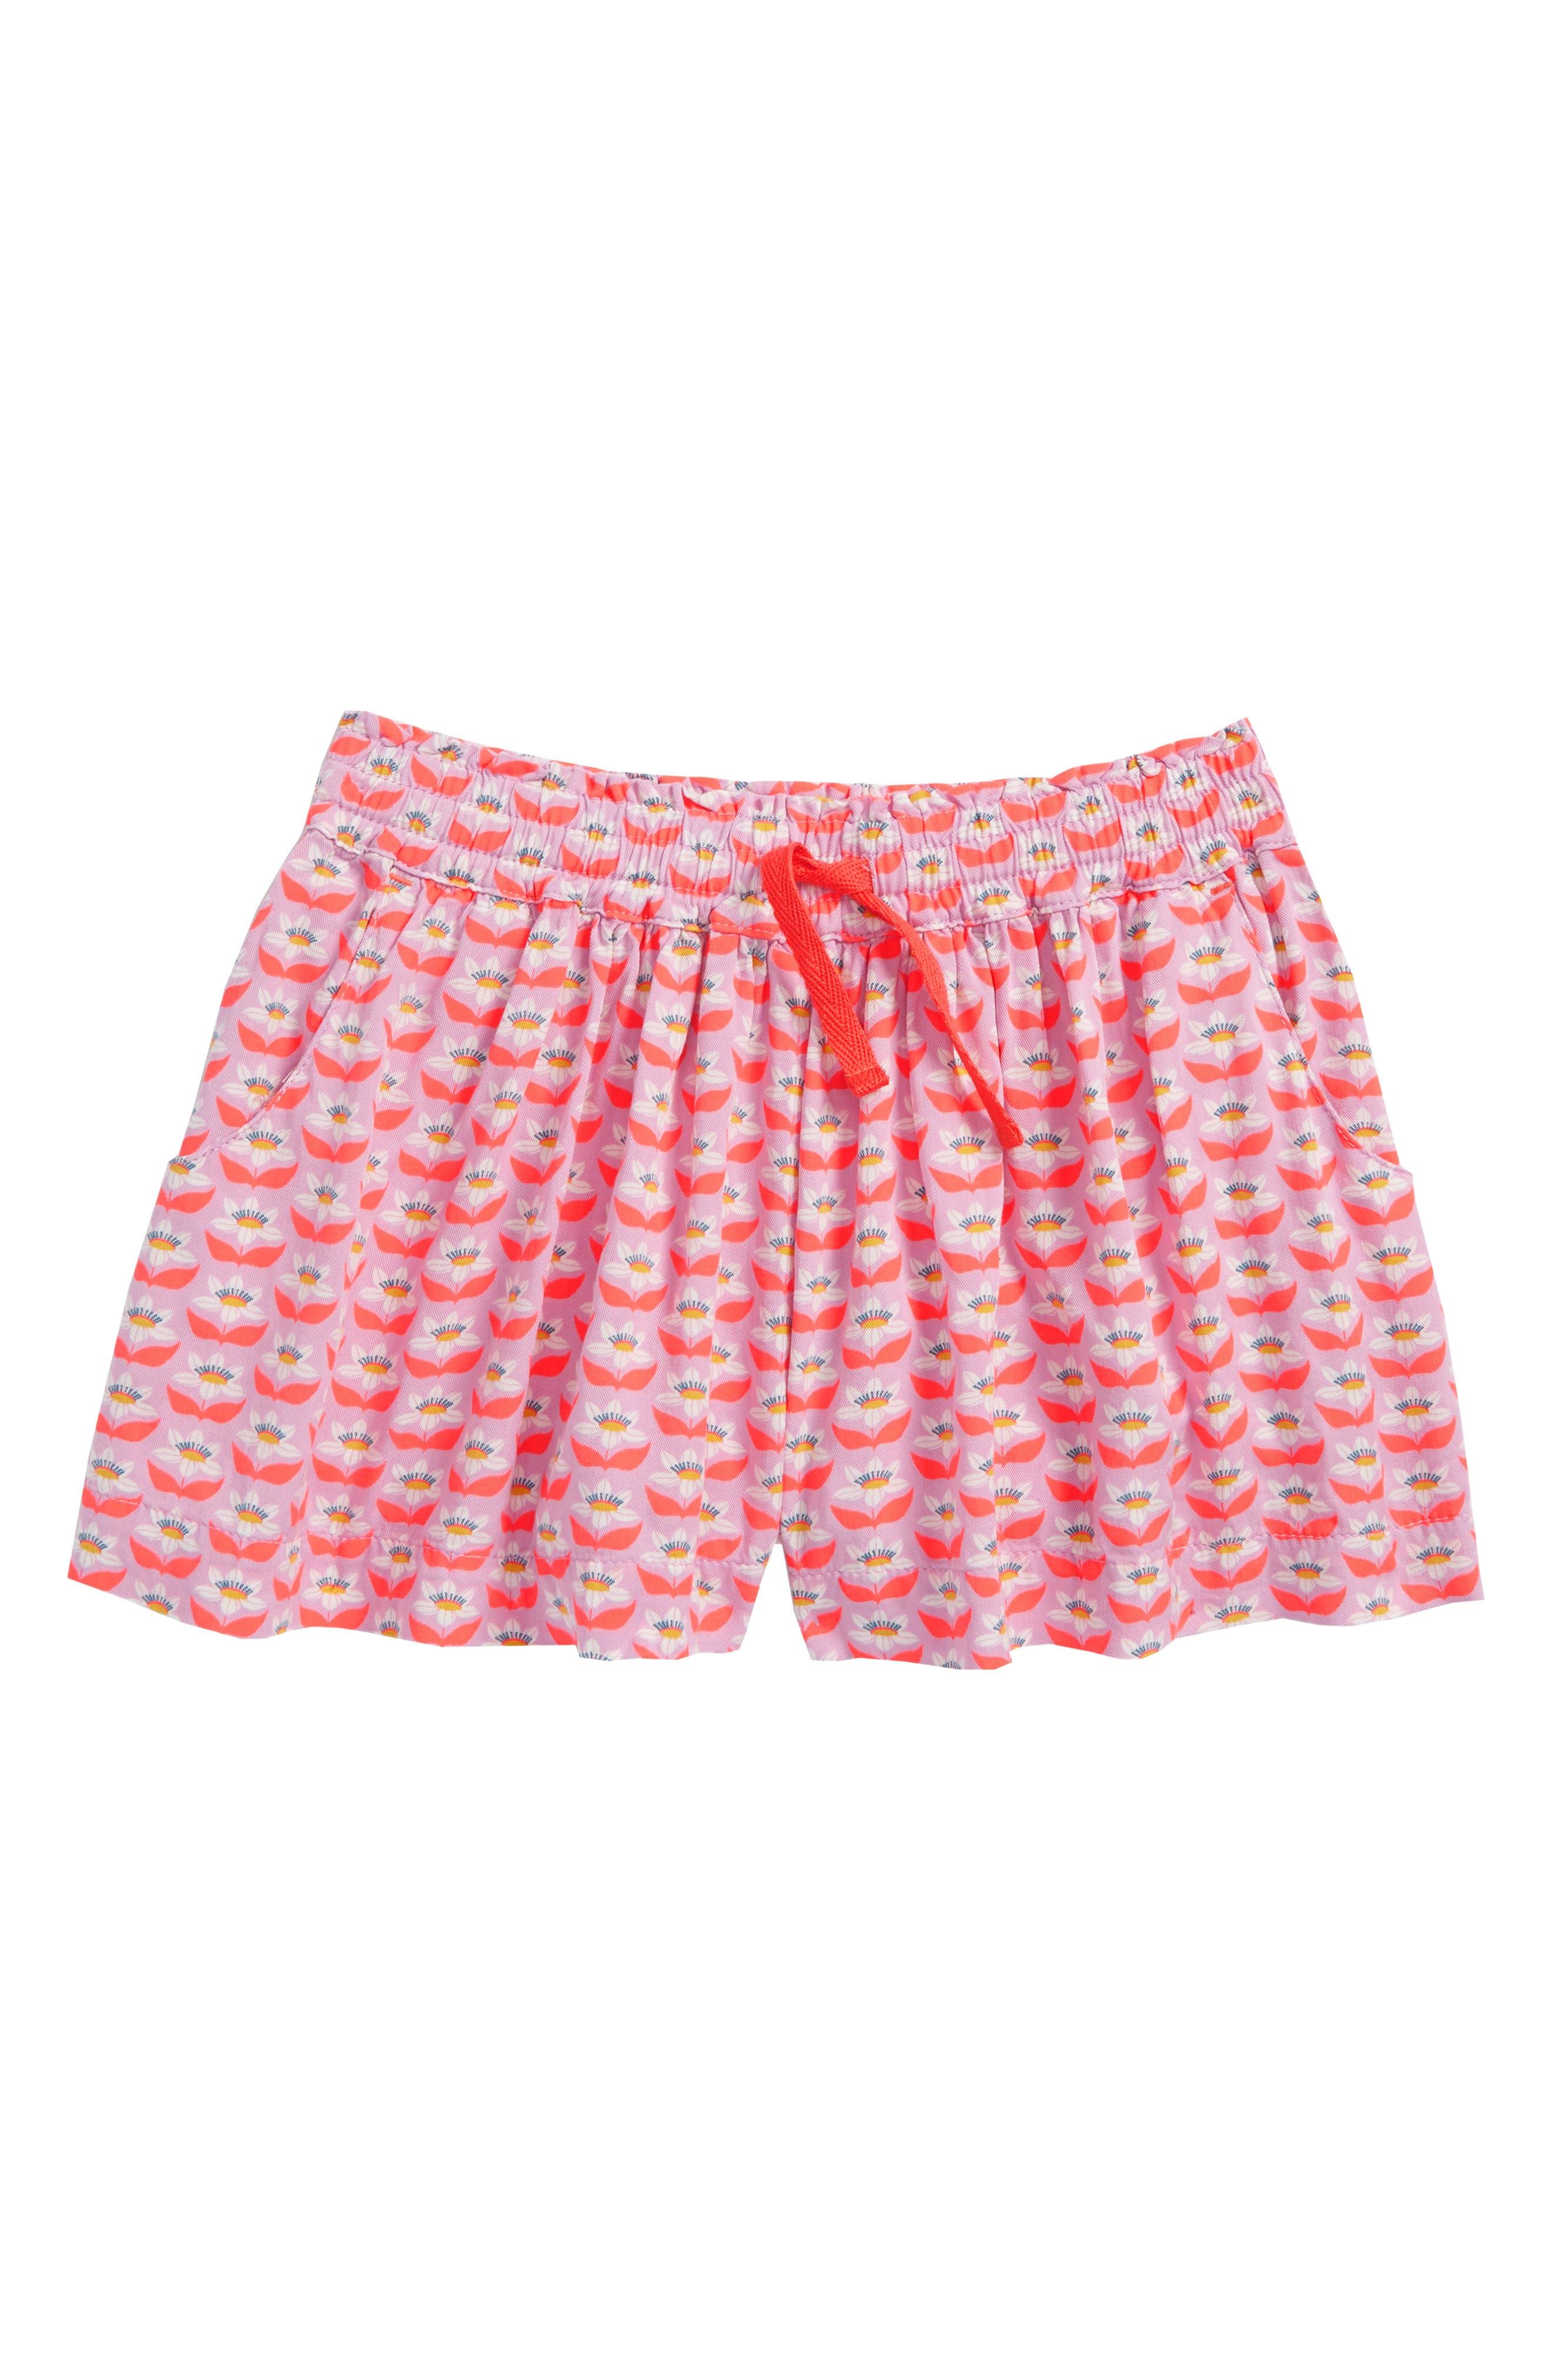 Mini Boden Pretty Woven Shorts (Toddler Girls, Little Girls & Big Girls)